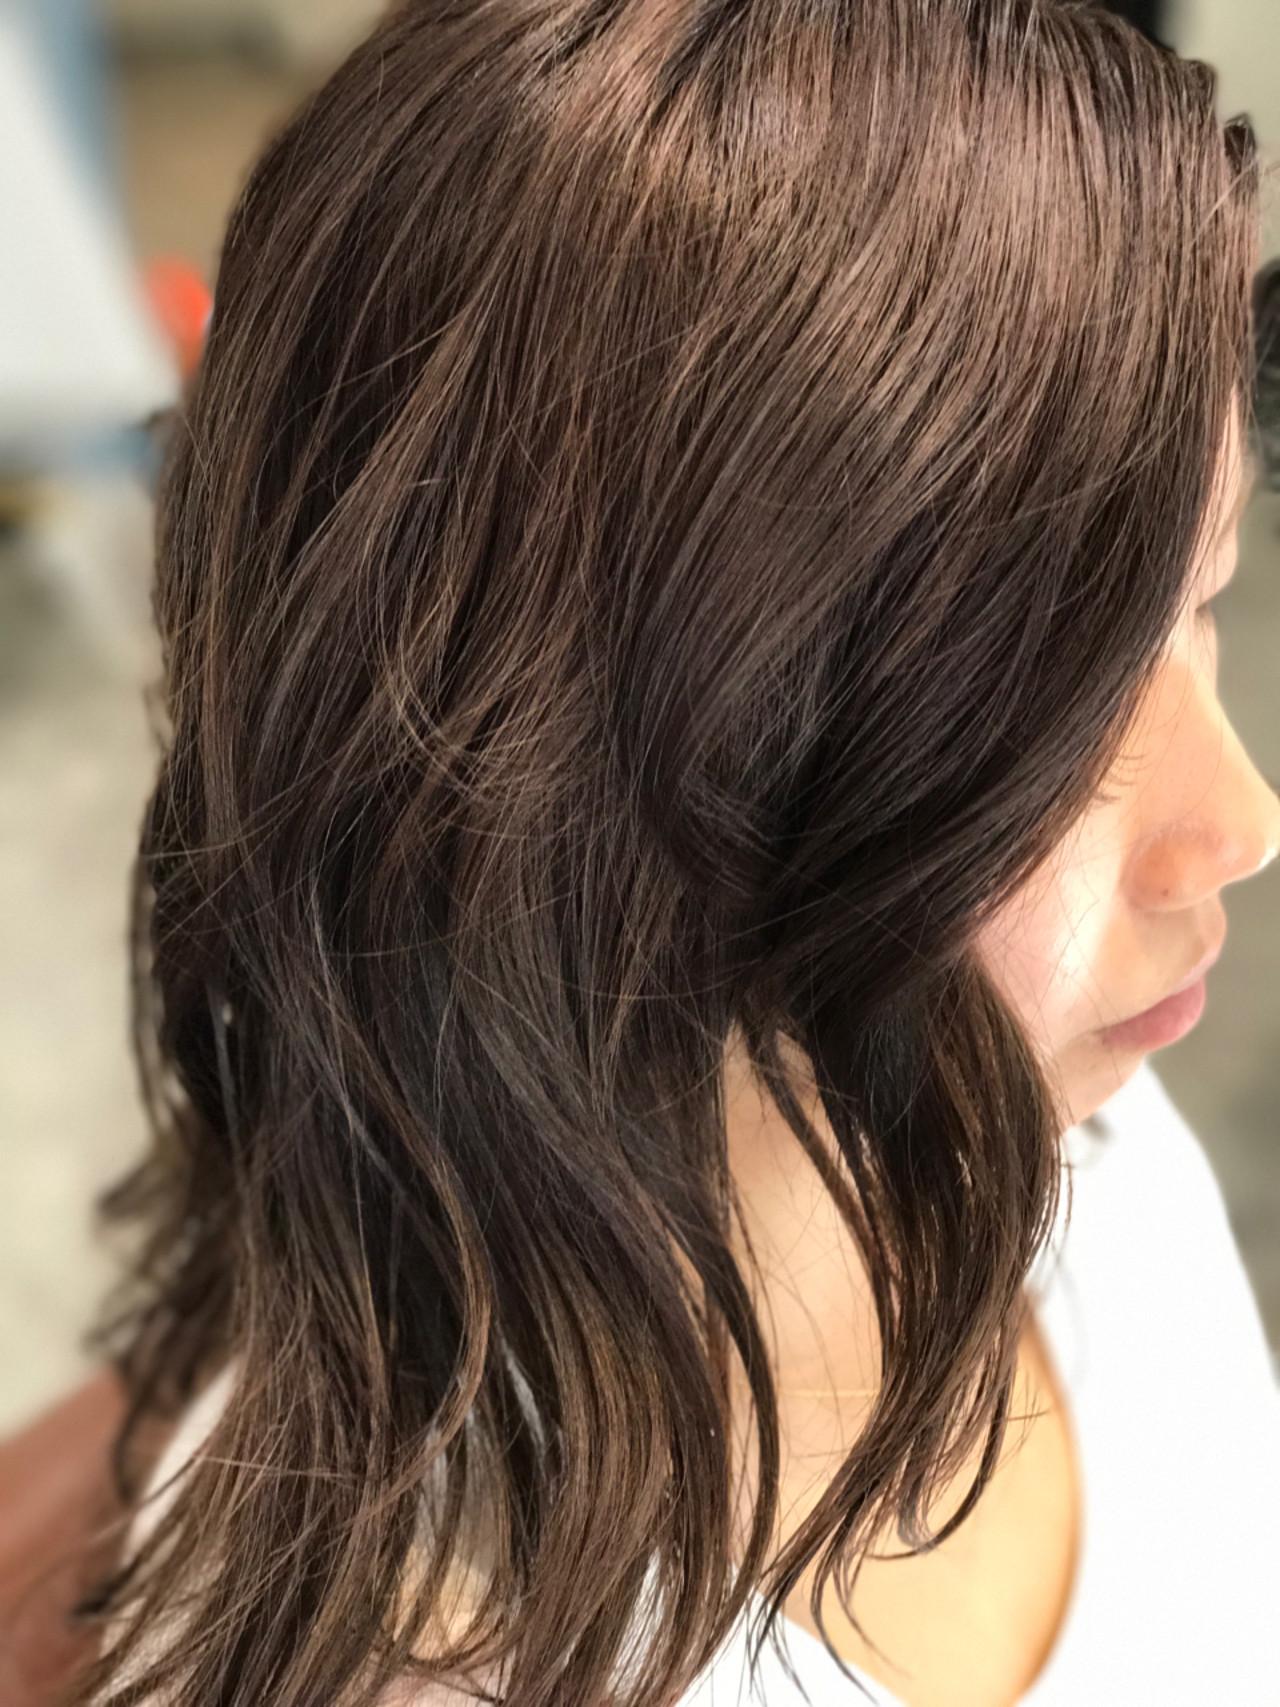 ナチュラル 透明感 ヘアアレンジ セミロング ヘアスタイルや髪型の写真・画像